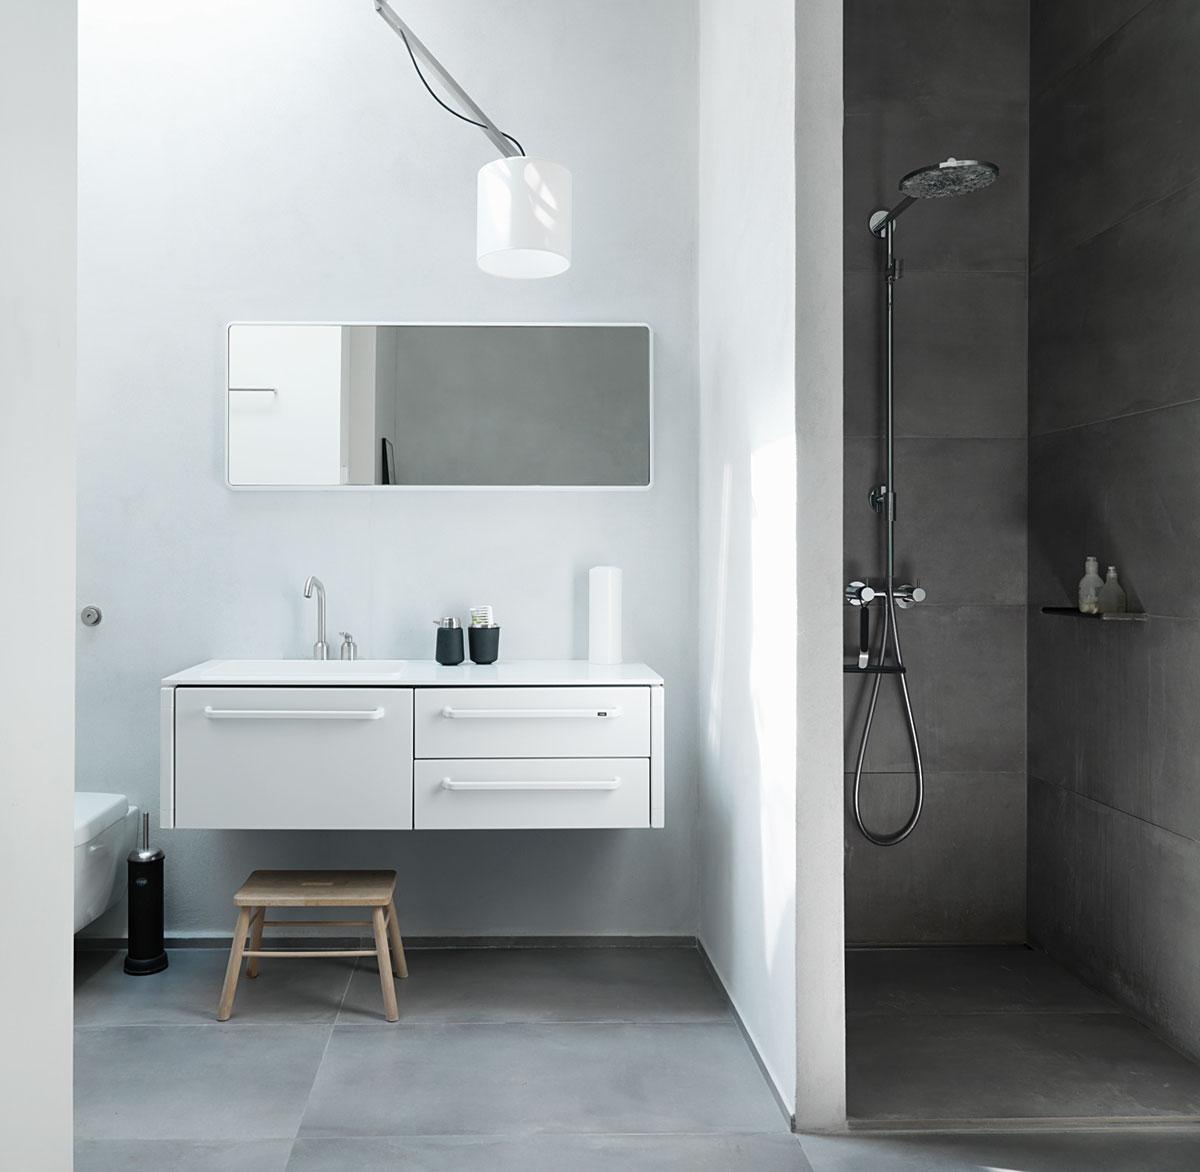 Vipp Bathroom Modules Ideasgn